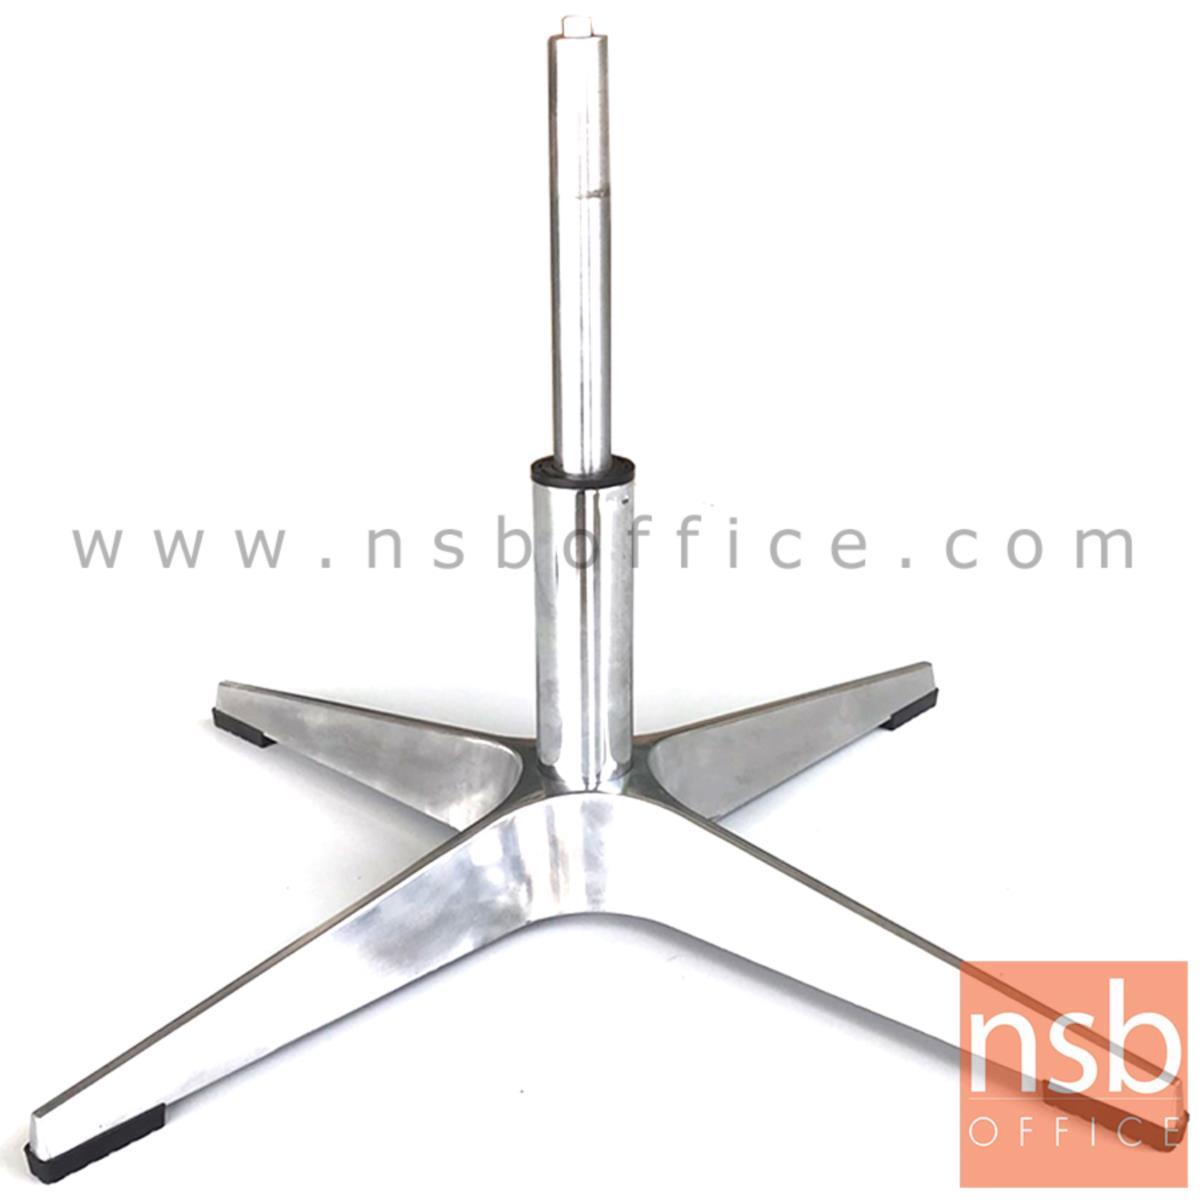 ขาอลูมินั่ม 4 แฉก รุ่น ROLL (โรล) สำหรับโต๊ะบาร์หรือเก้าอี้ ขนาด 26 นิ้ว (ไม่รวมโช๊ค)